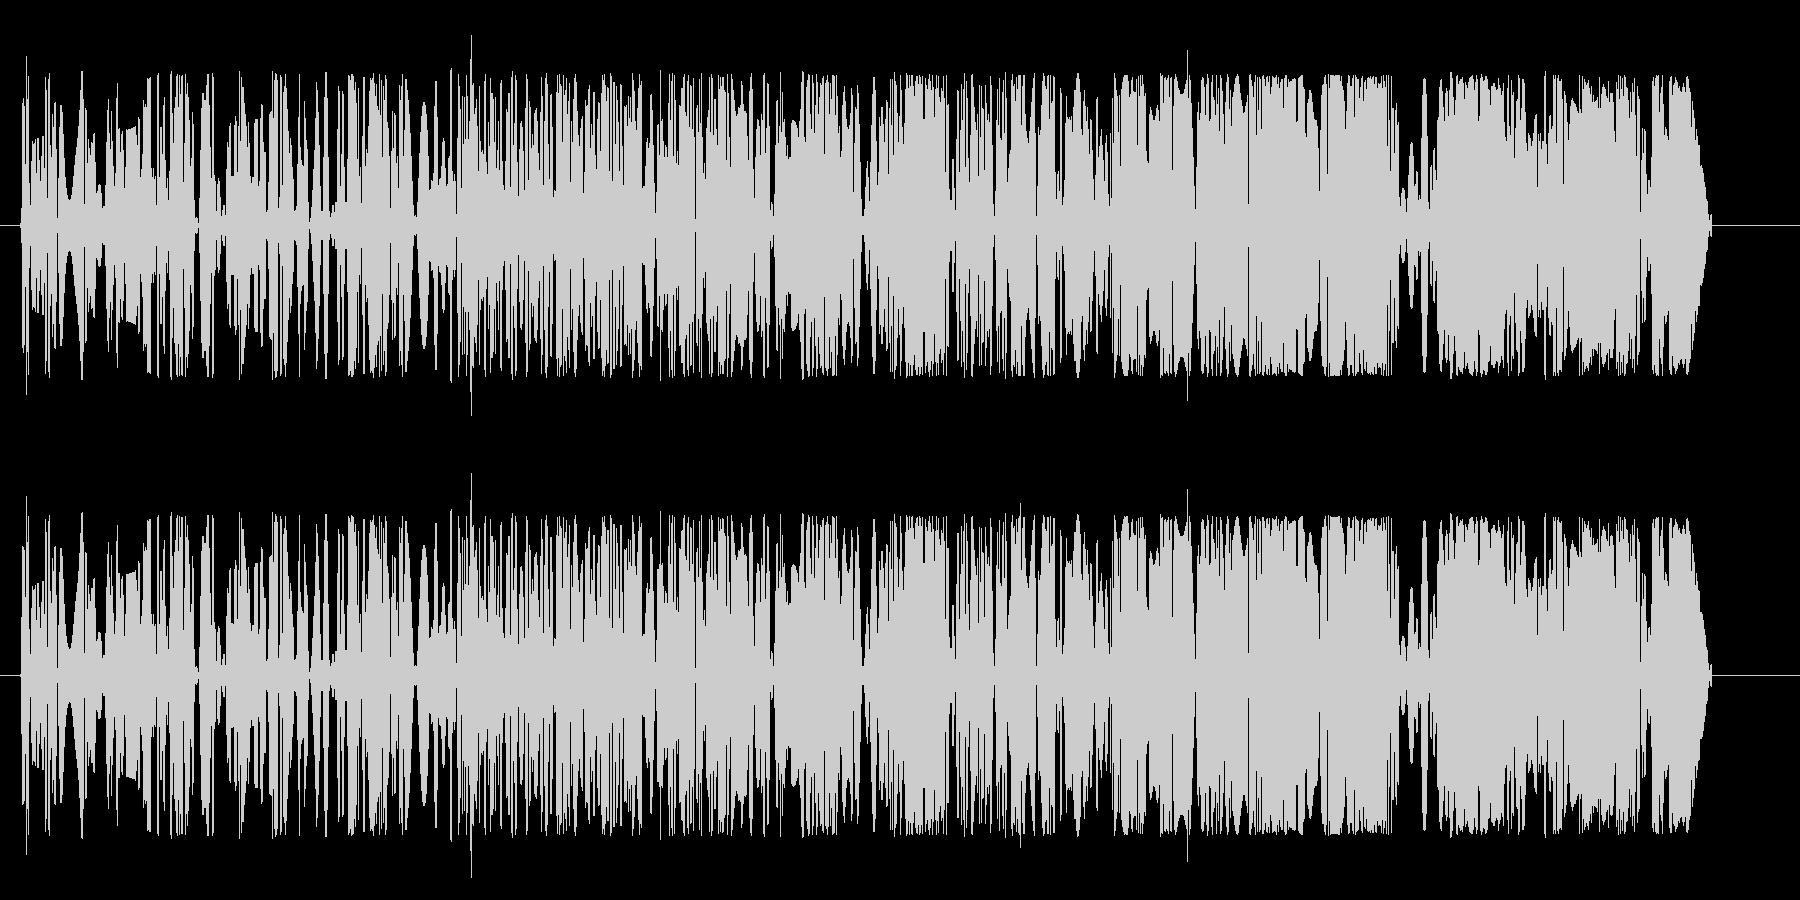 モクモク(回転系の音)の未再生の波形